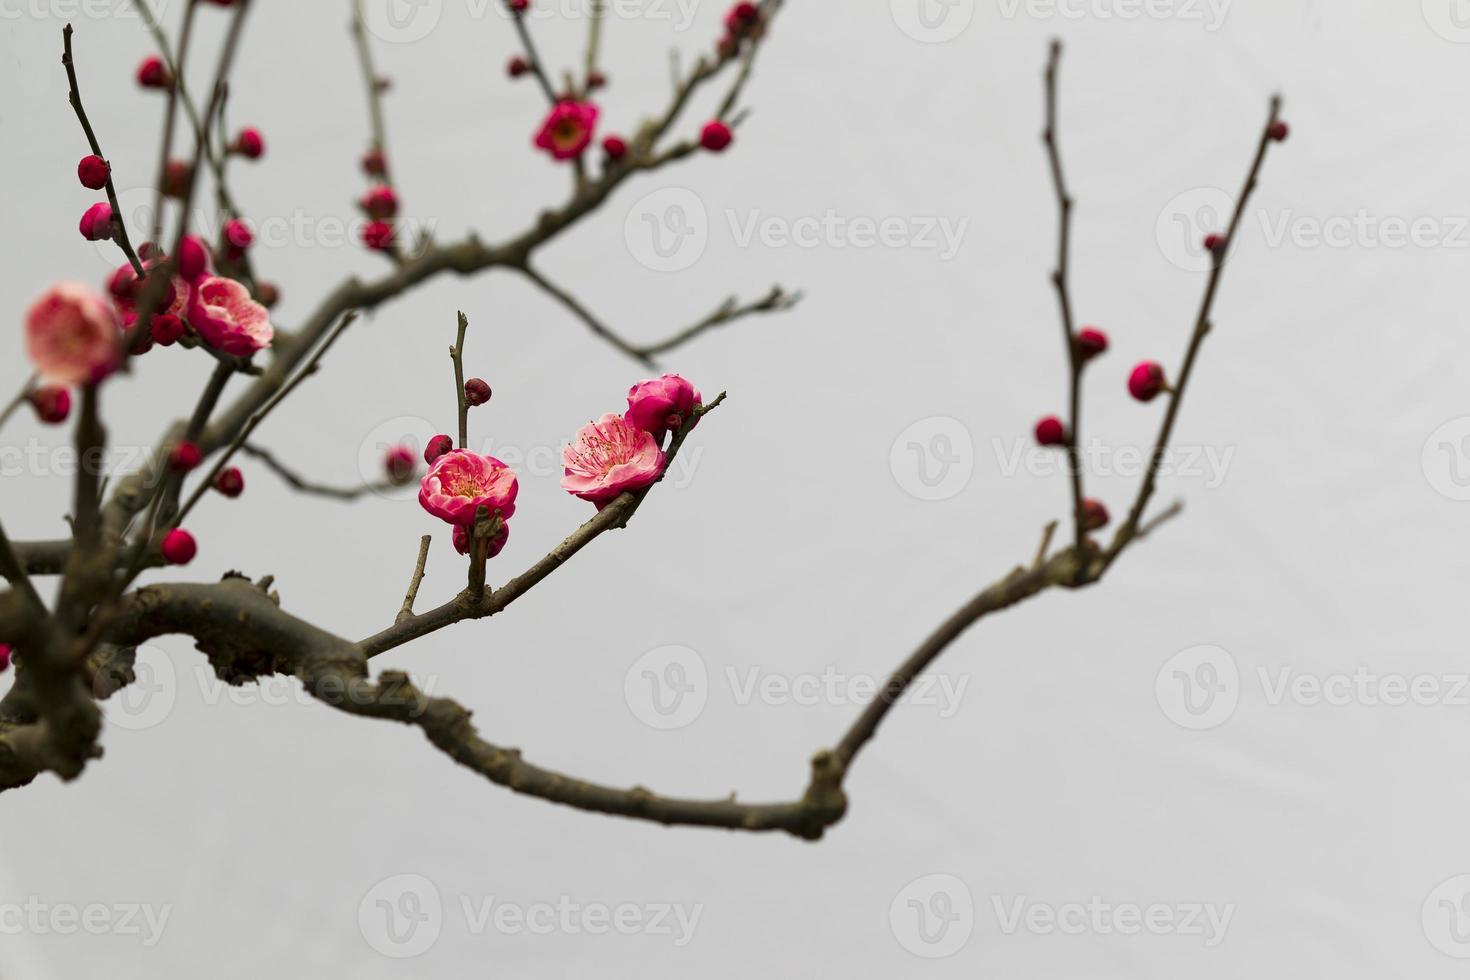 flor de ameixa, 梅花 出 墙 foto